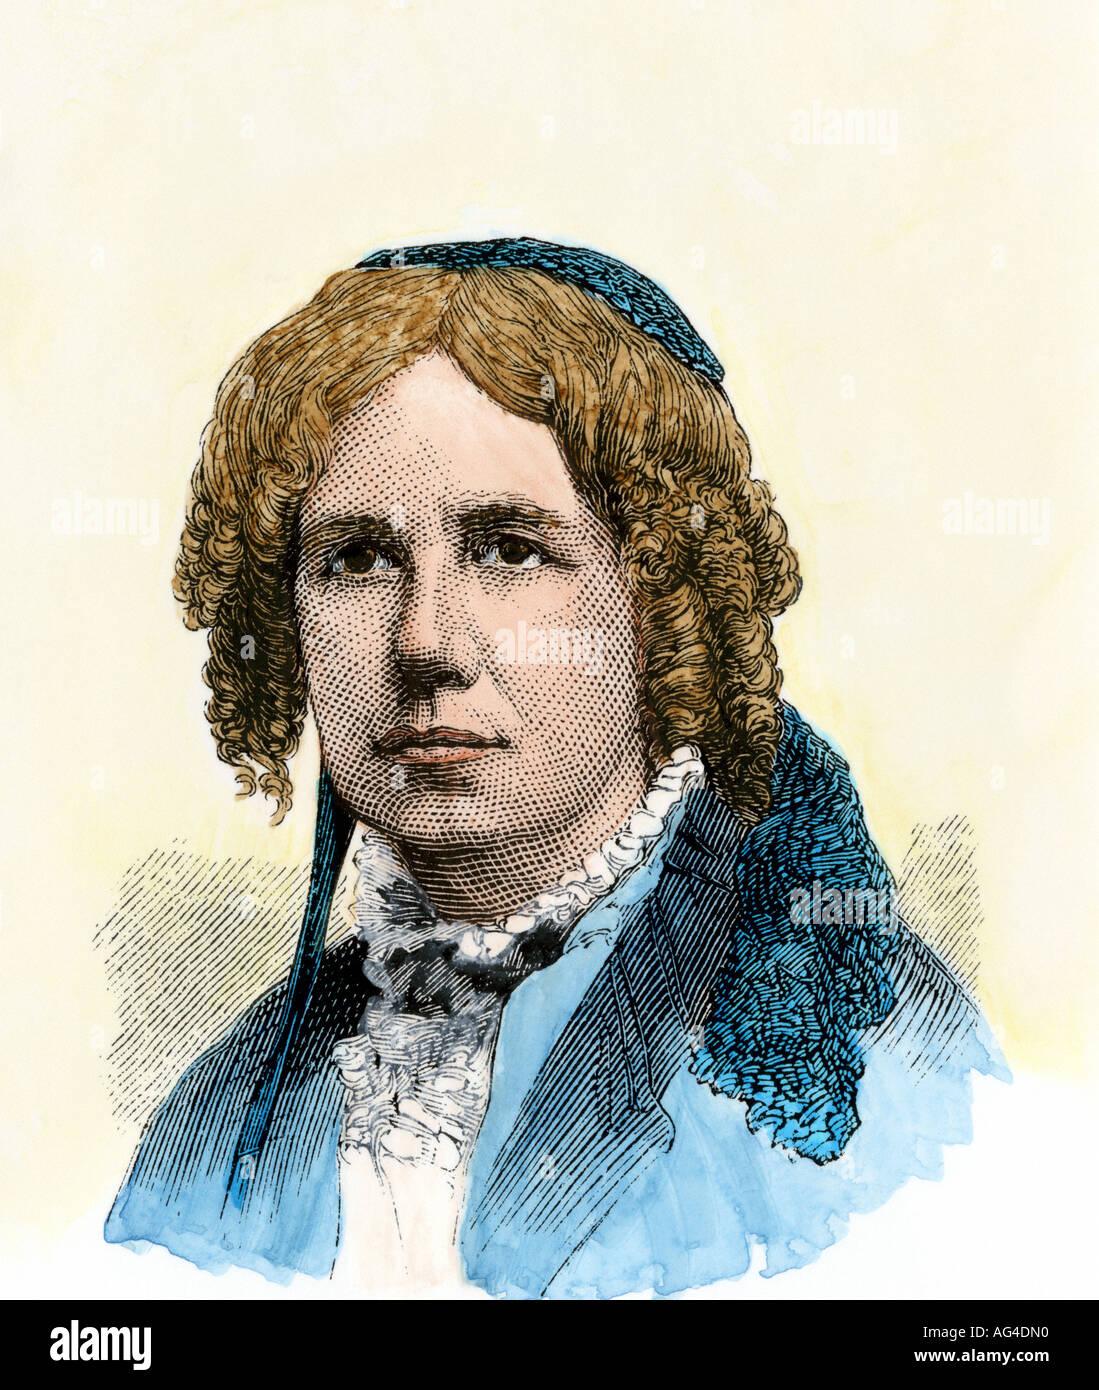 Maria Mitchell professore di astronomia al Vassar College. Colorate a mano la xilografia Immagini Stock